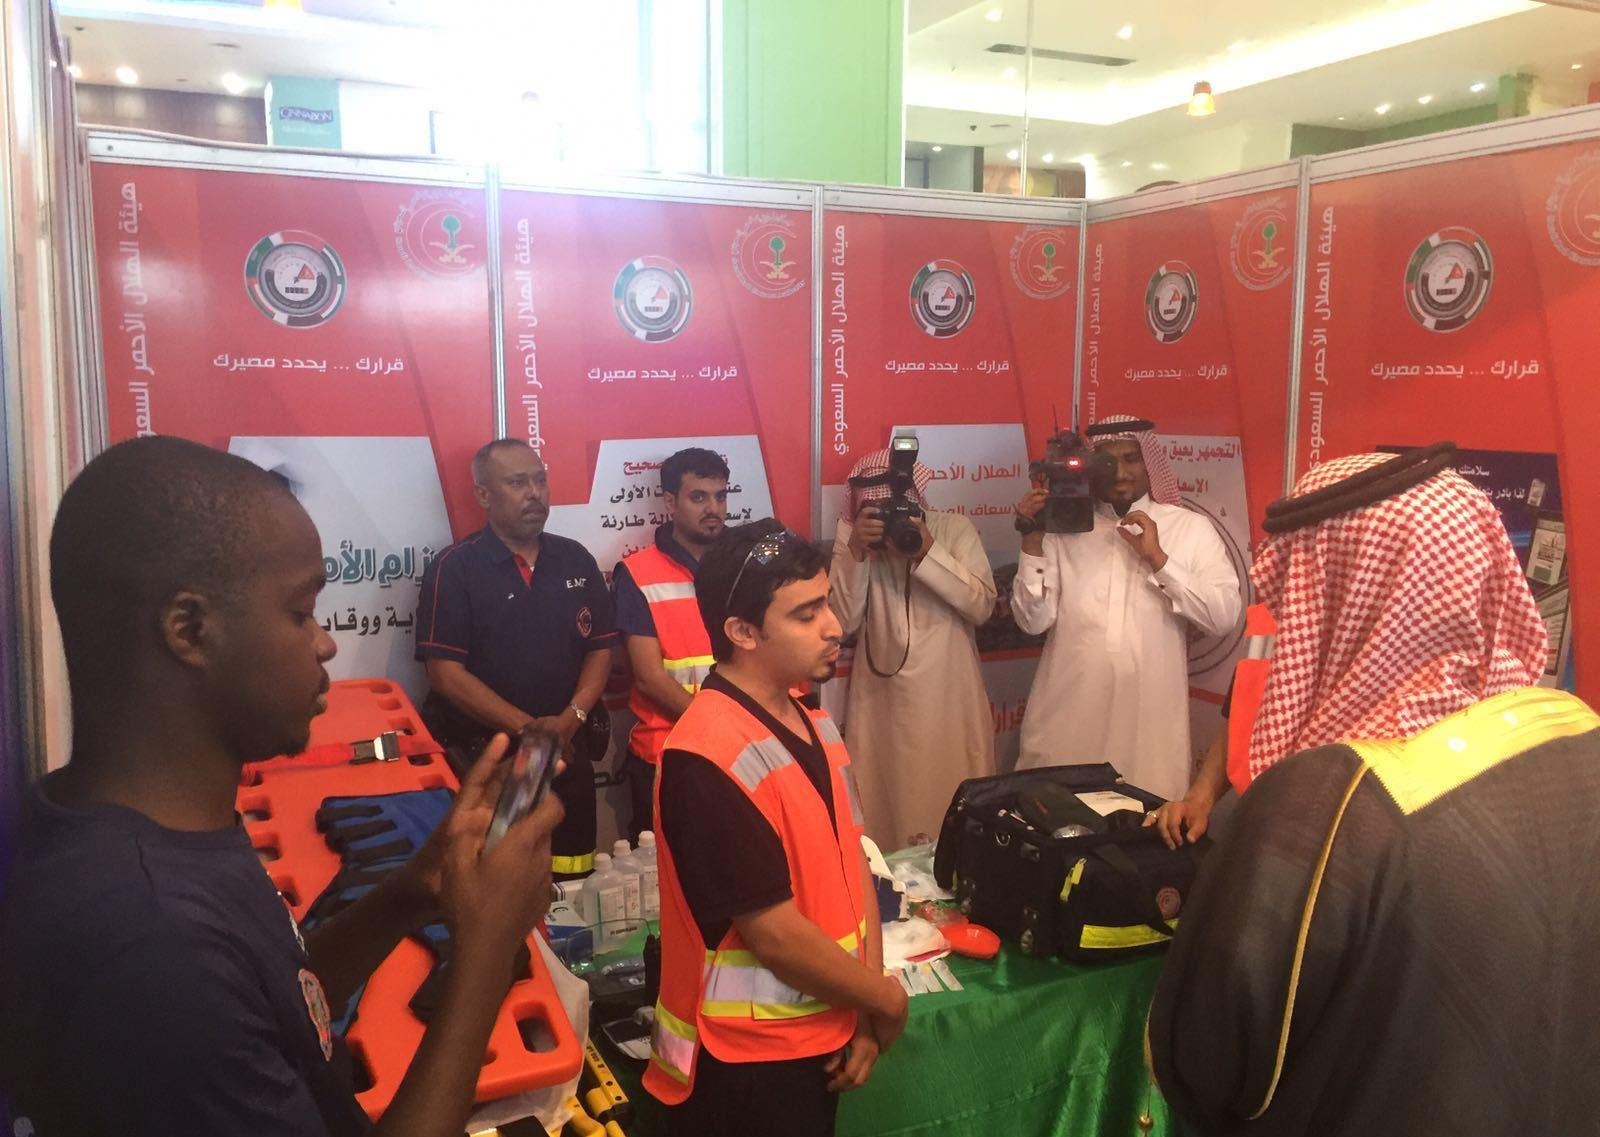 وكيل إمارة مكة يفتتح أسبوع المرور بمشاركة الهلال الأحمر (5)